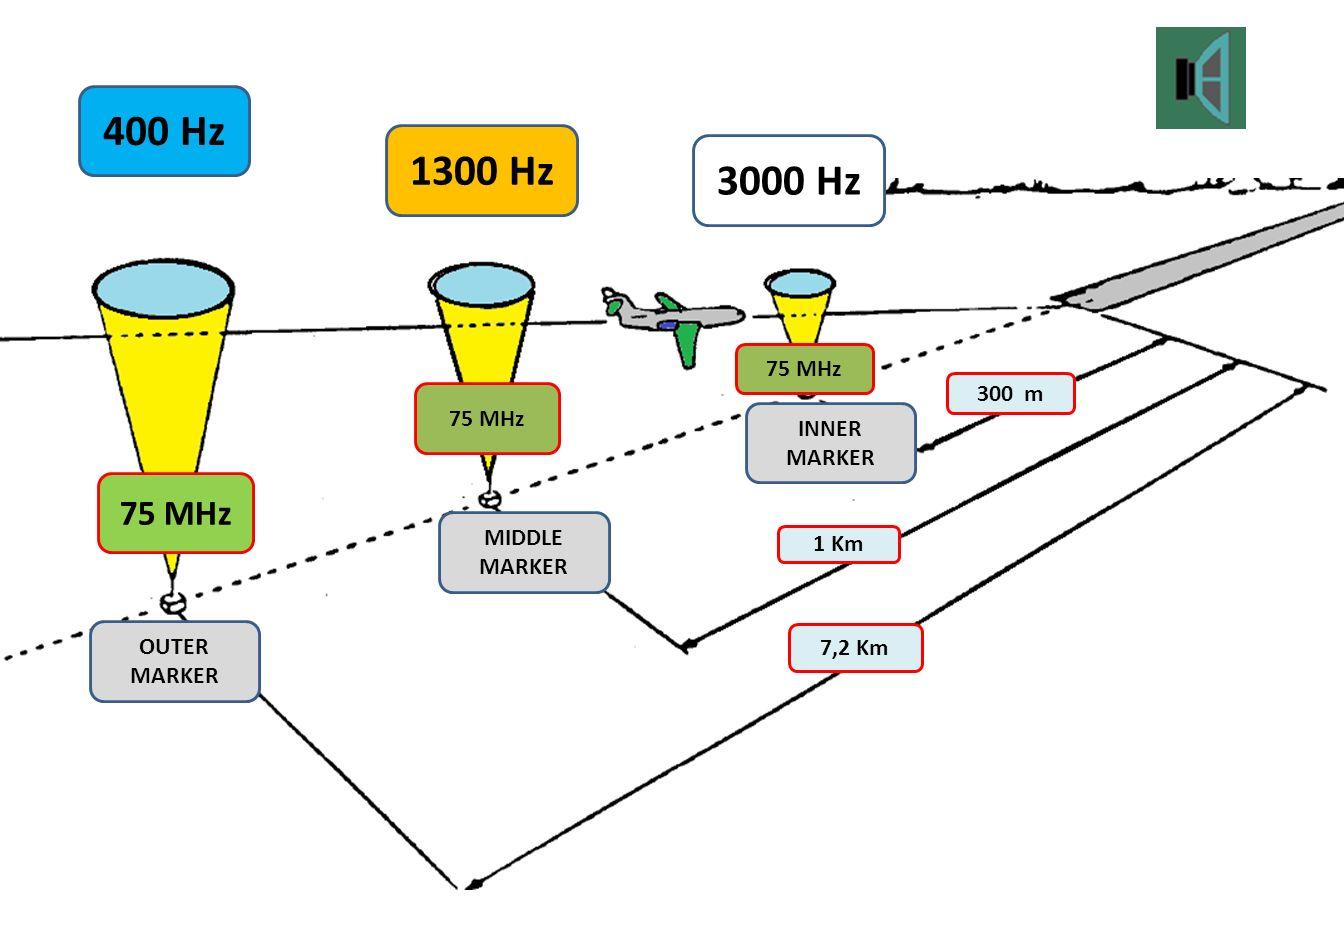 Marcador Externo (OM, Outer marker) Fica localizado a aproximadamente 7.200 m (3.9 NM) da pista.